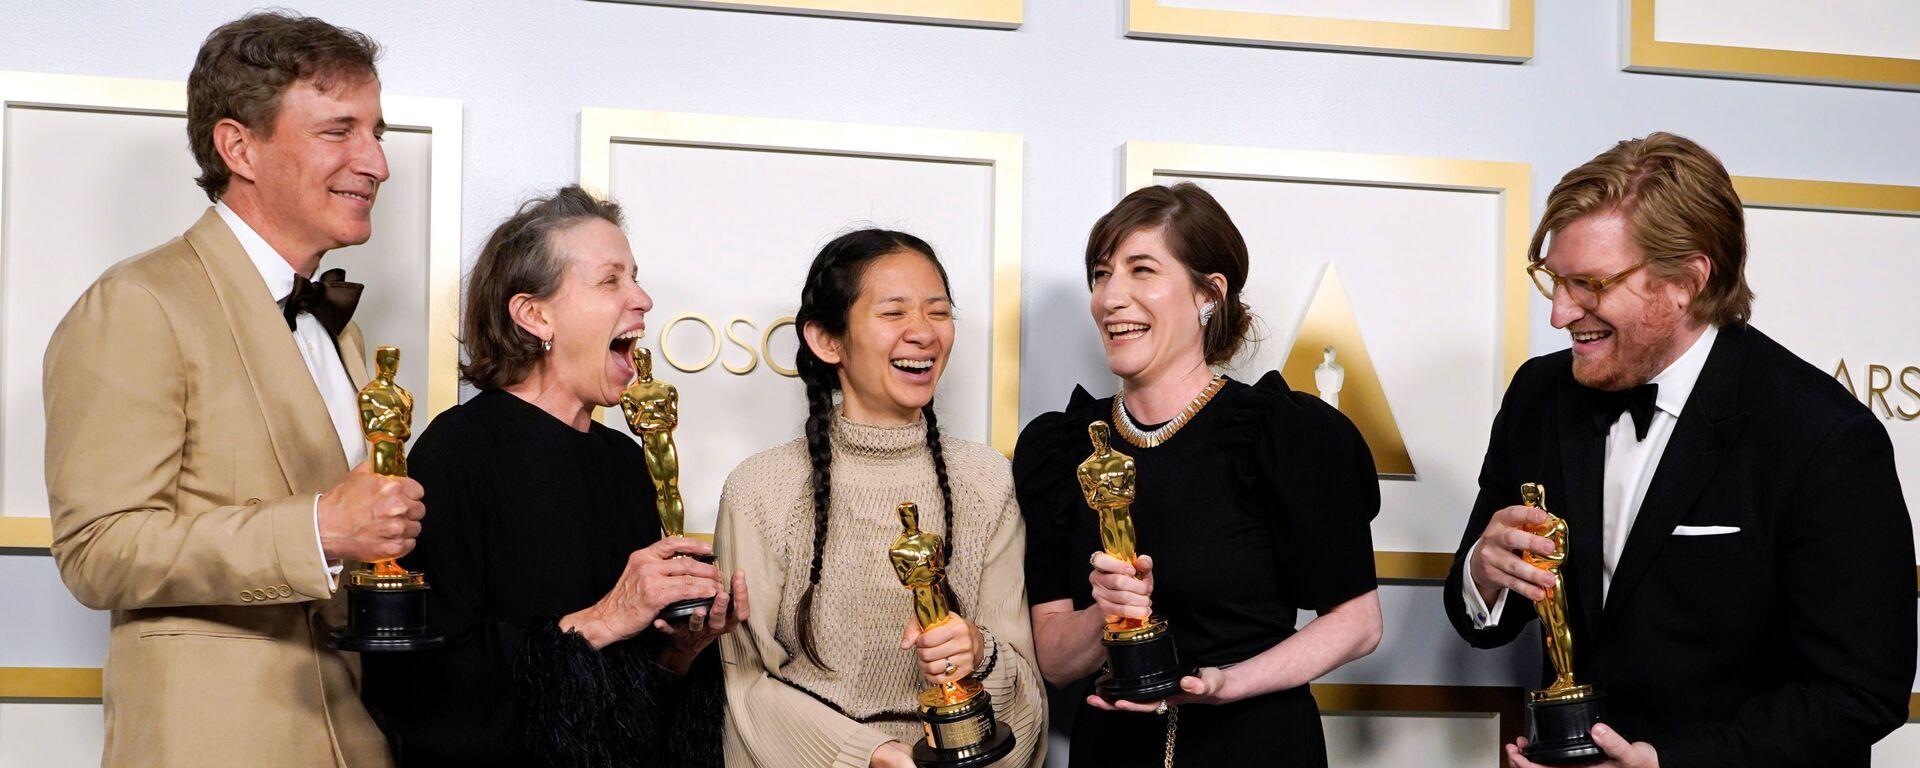 93-я церемония вручения Оскар в Лос-Анджелесе - Sputnik Mundo, 1920, 26.04.2021